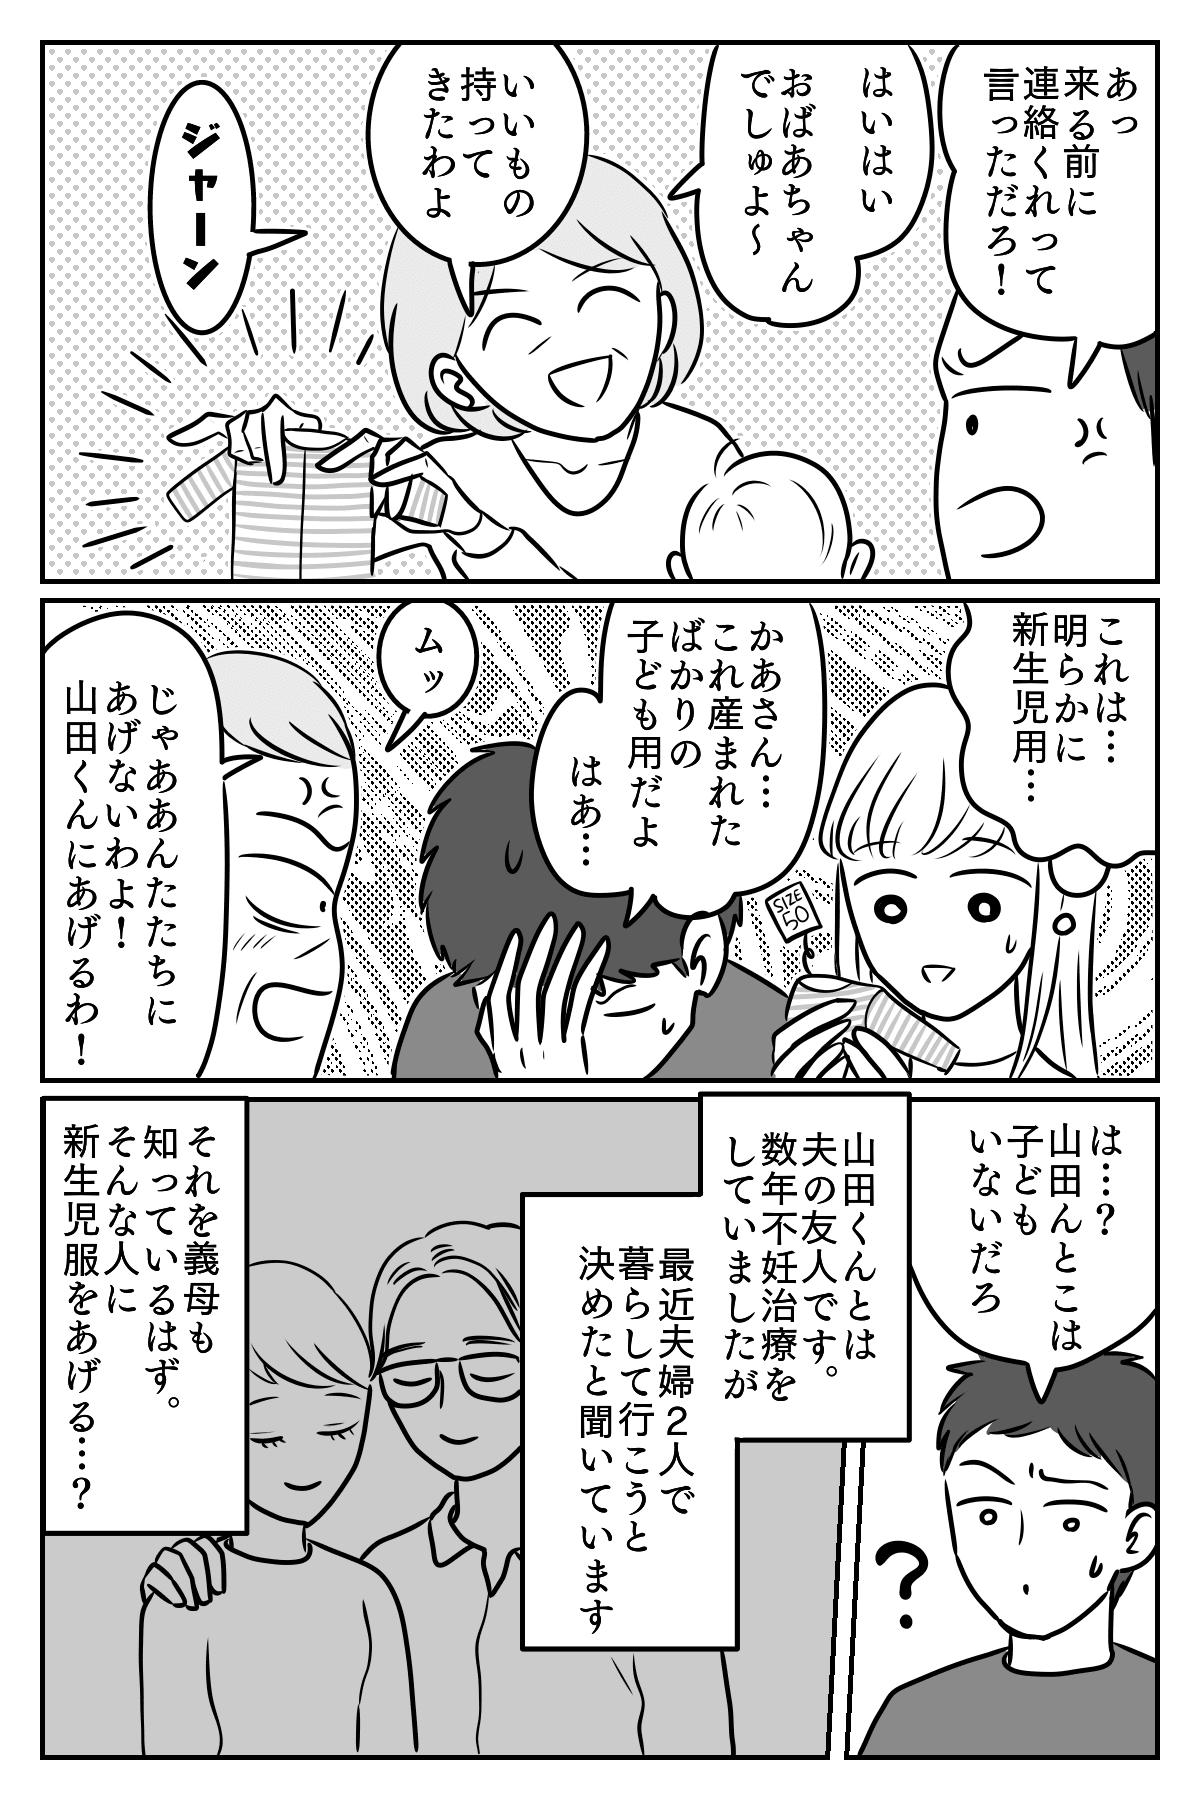 無神経義母前編03